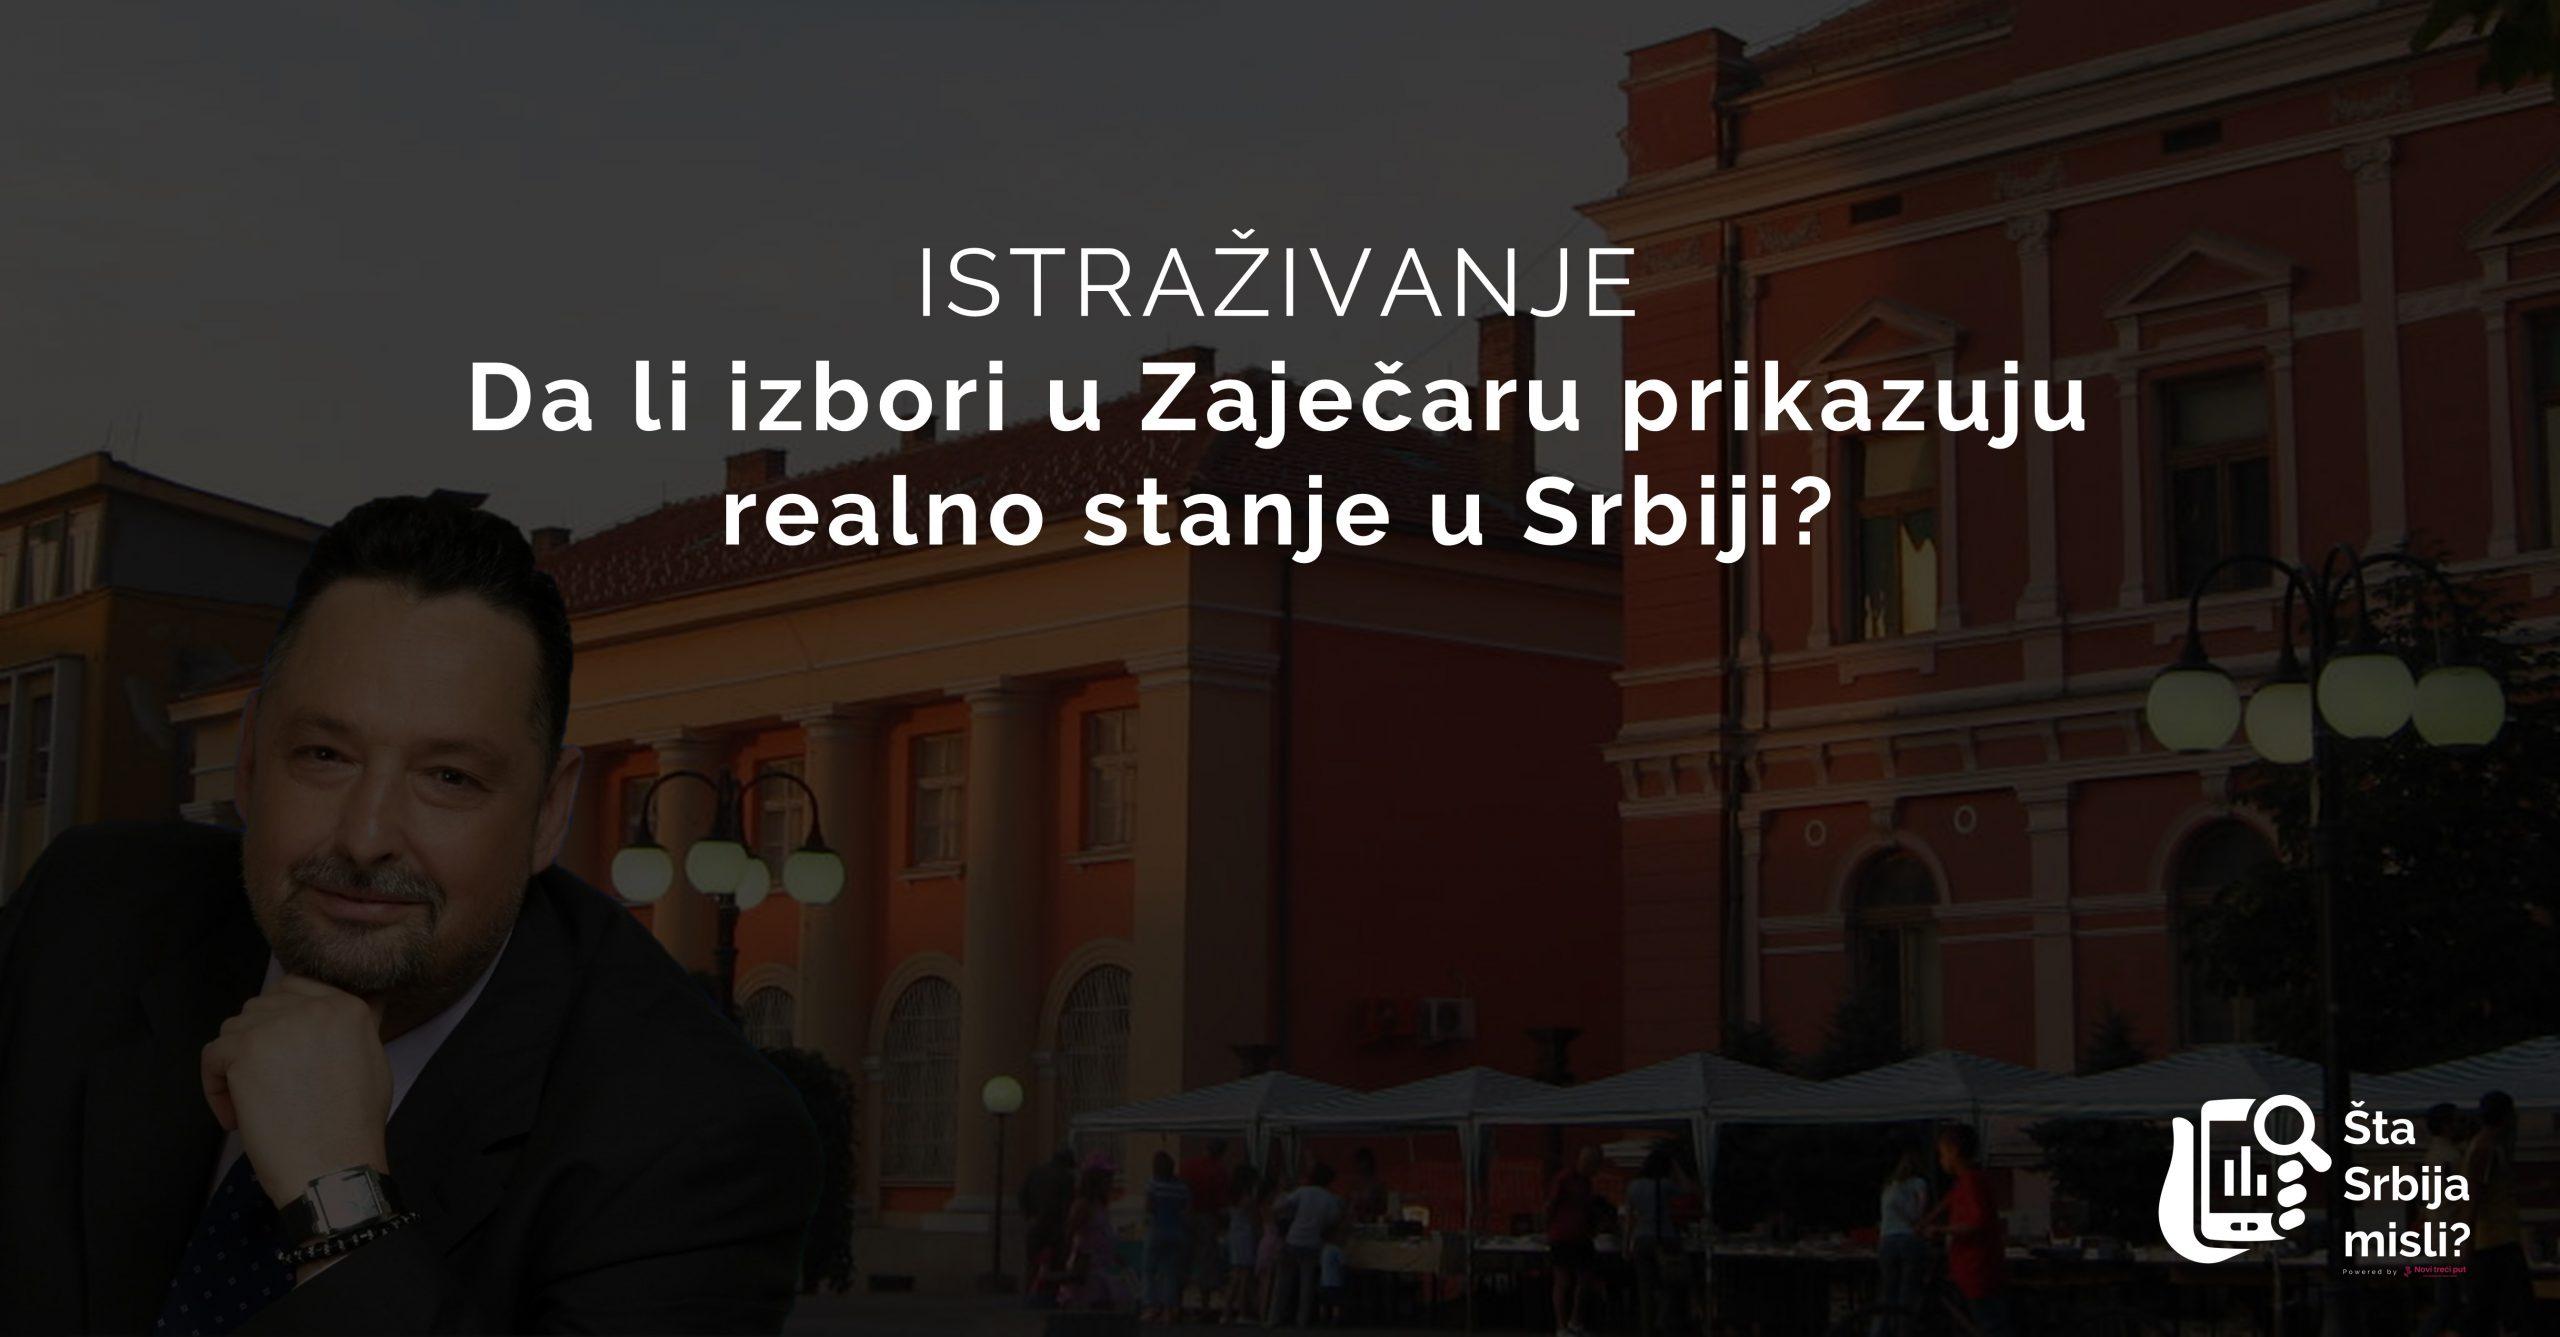 Da li izbori u Zaječaru prikazuju realno stanje u Srbiji?